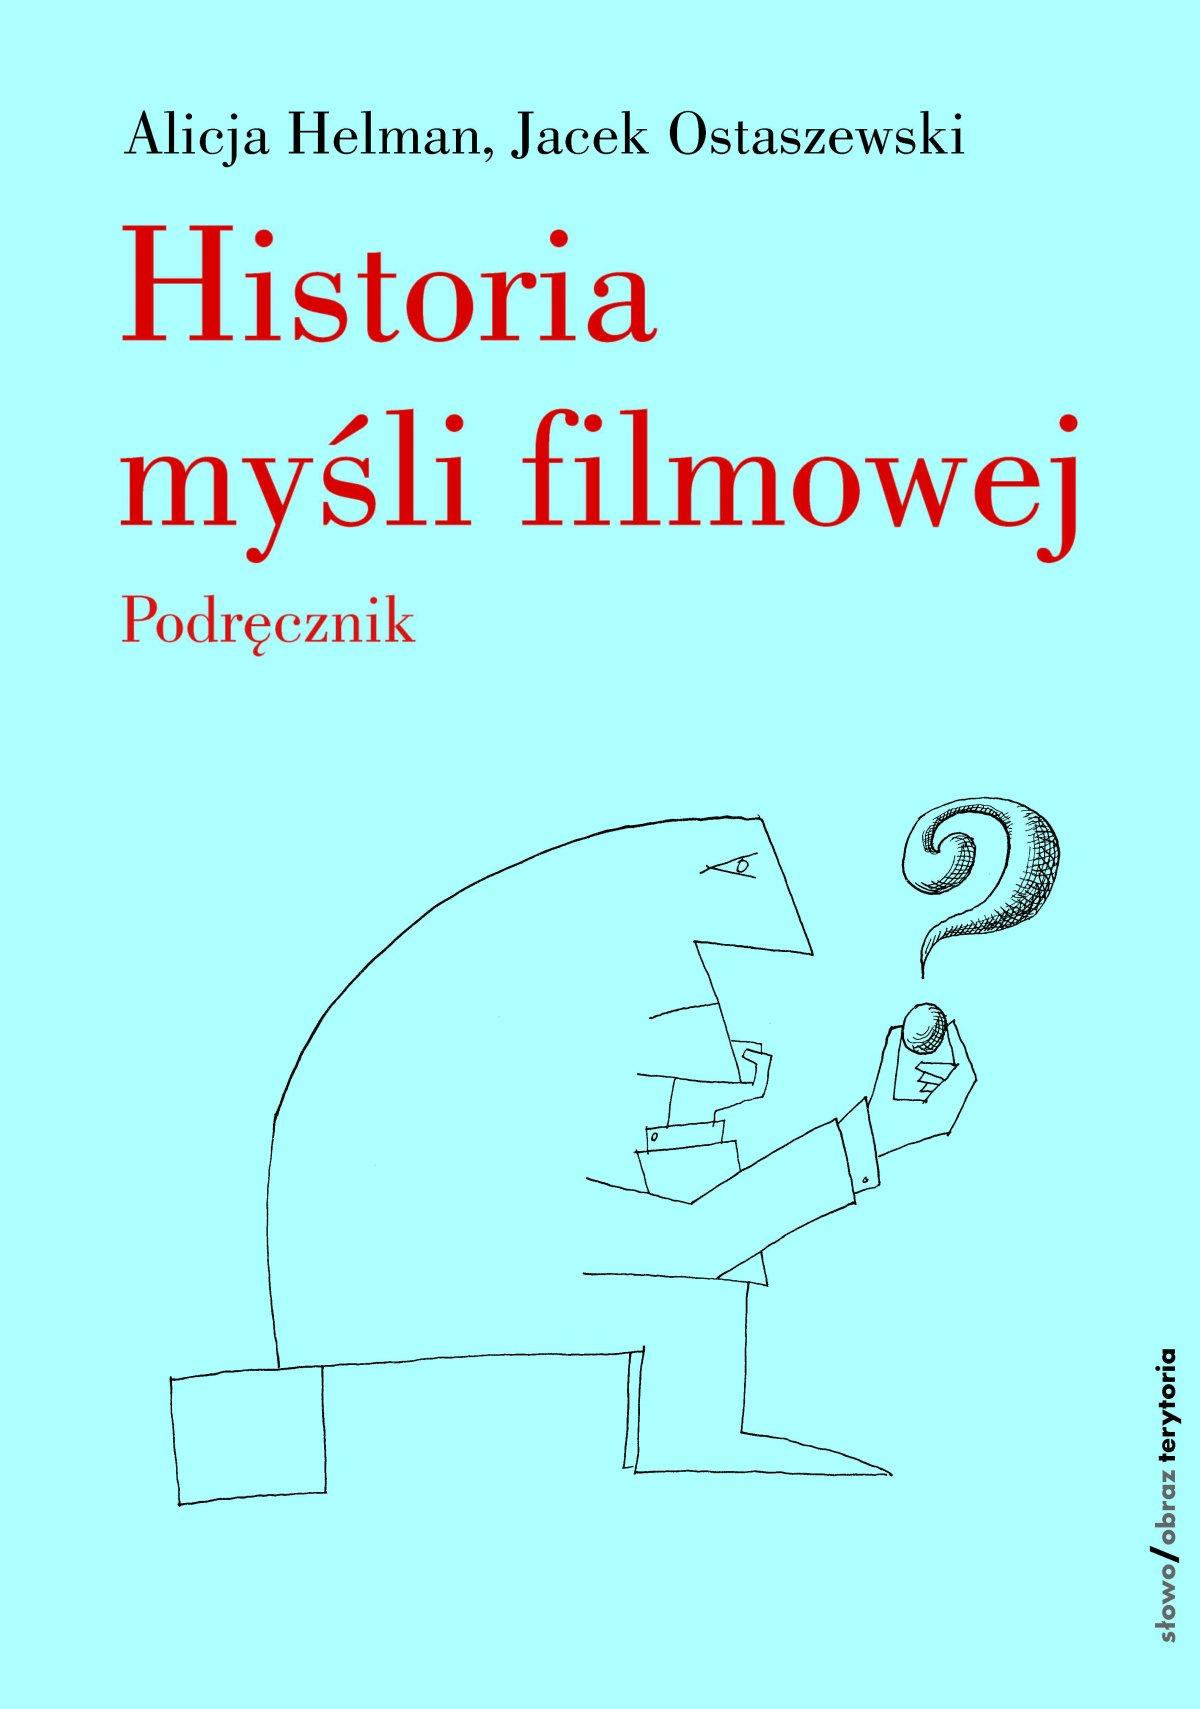 Historia myśli filmowej. Podręcznik - Ebook (Książka EPUB) do pobrania w formacie EPUB